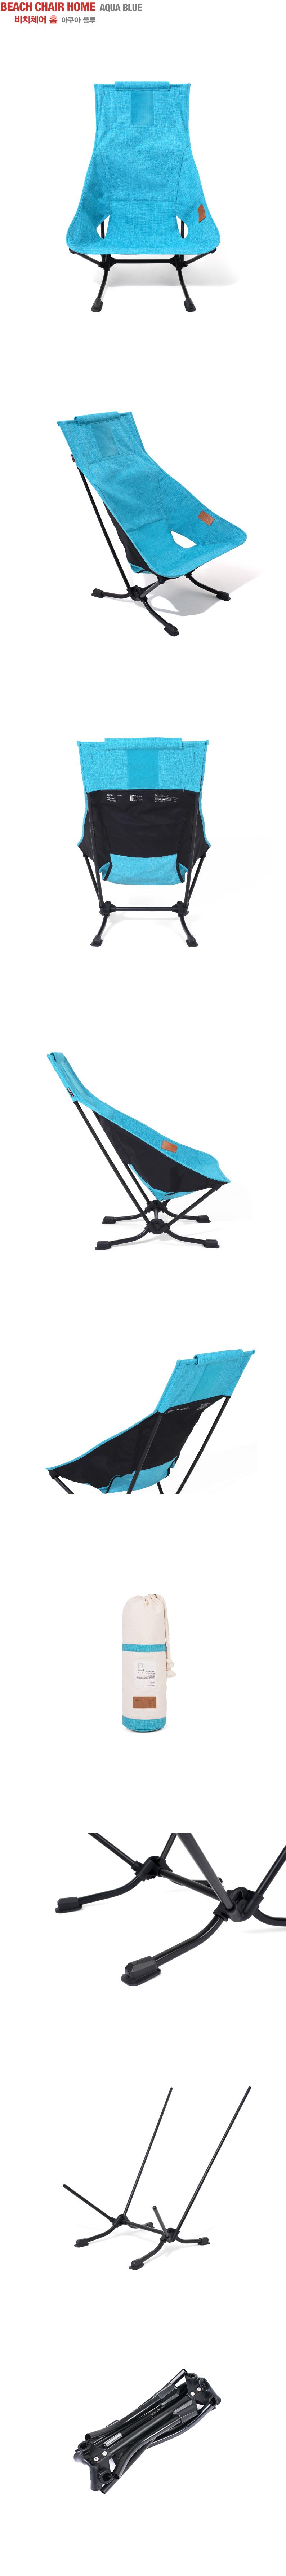 20170613-beach-chair-home-aqua-blue-상세페이지.jpg